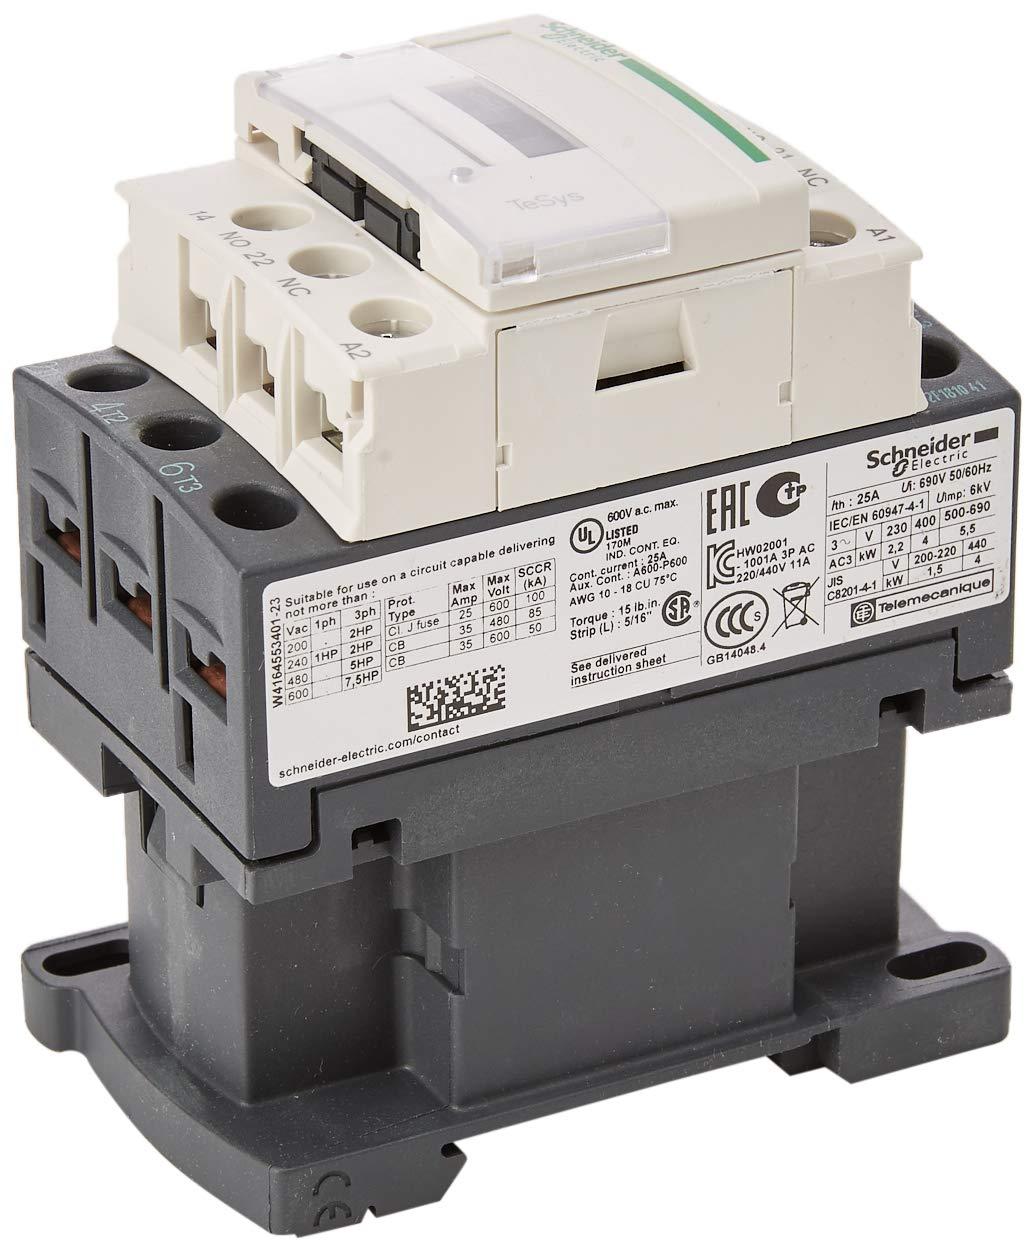 LC1D09Q7 - CONTATTORE 9A 380VAC 50/6 - SCHNEIDER ELECTRIC LC1D09Q7